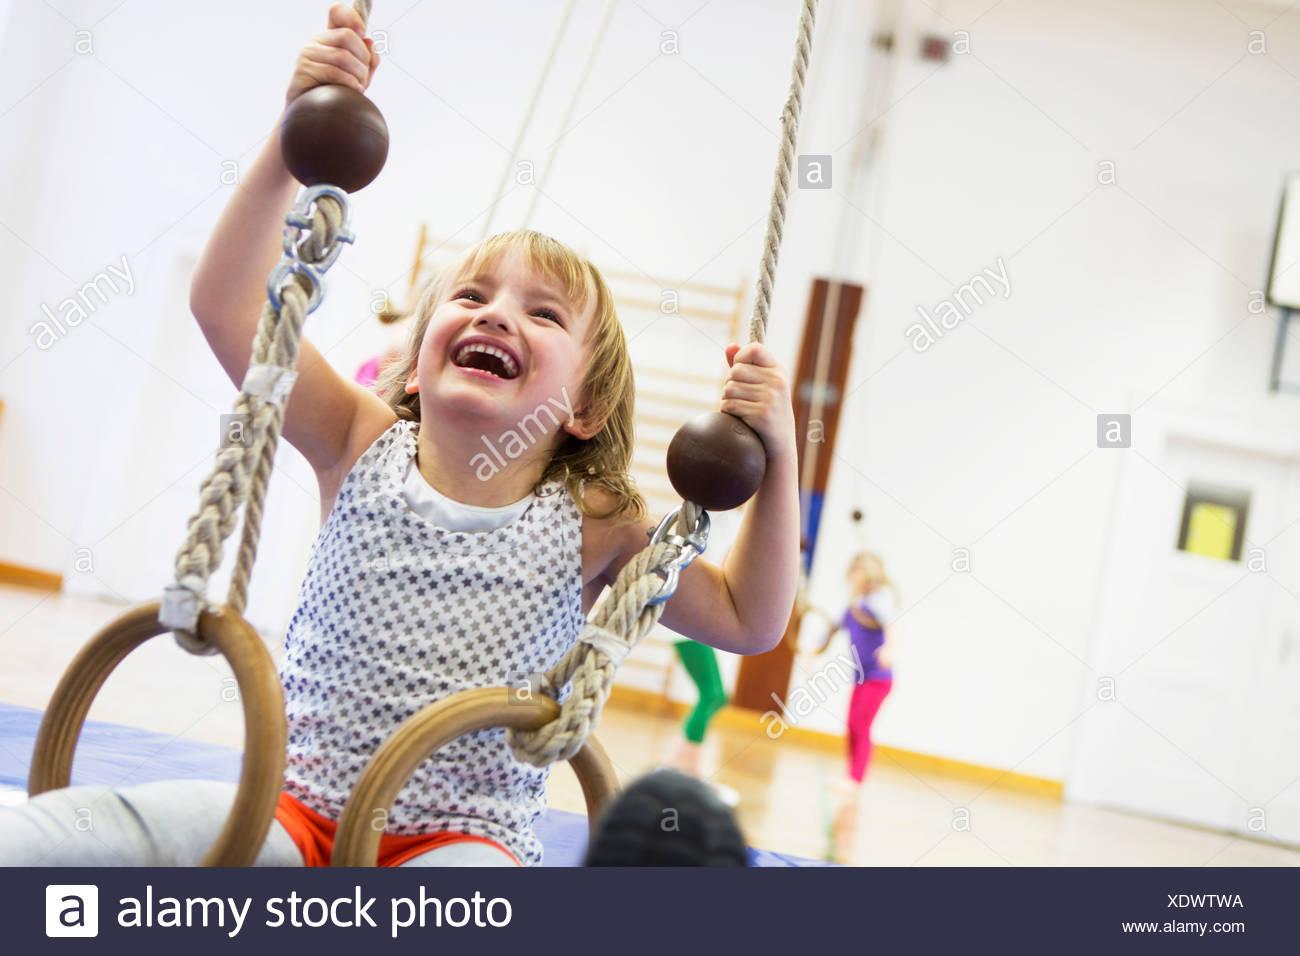 Anneaux de gymnastique fille sur l'école de hall Photo Stock